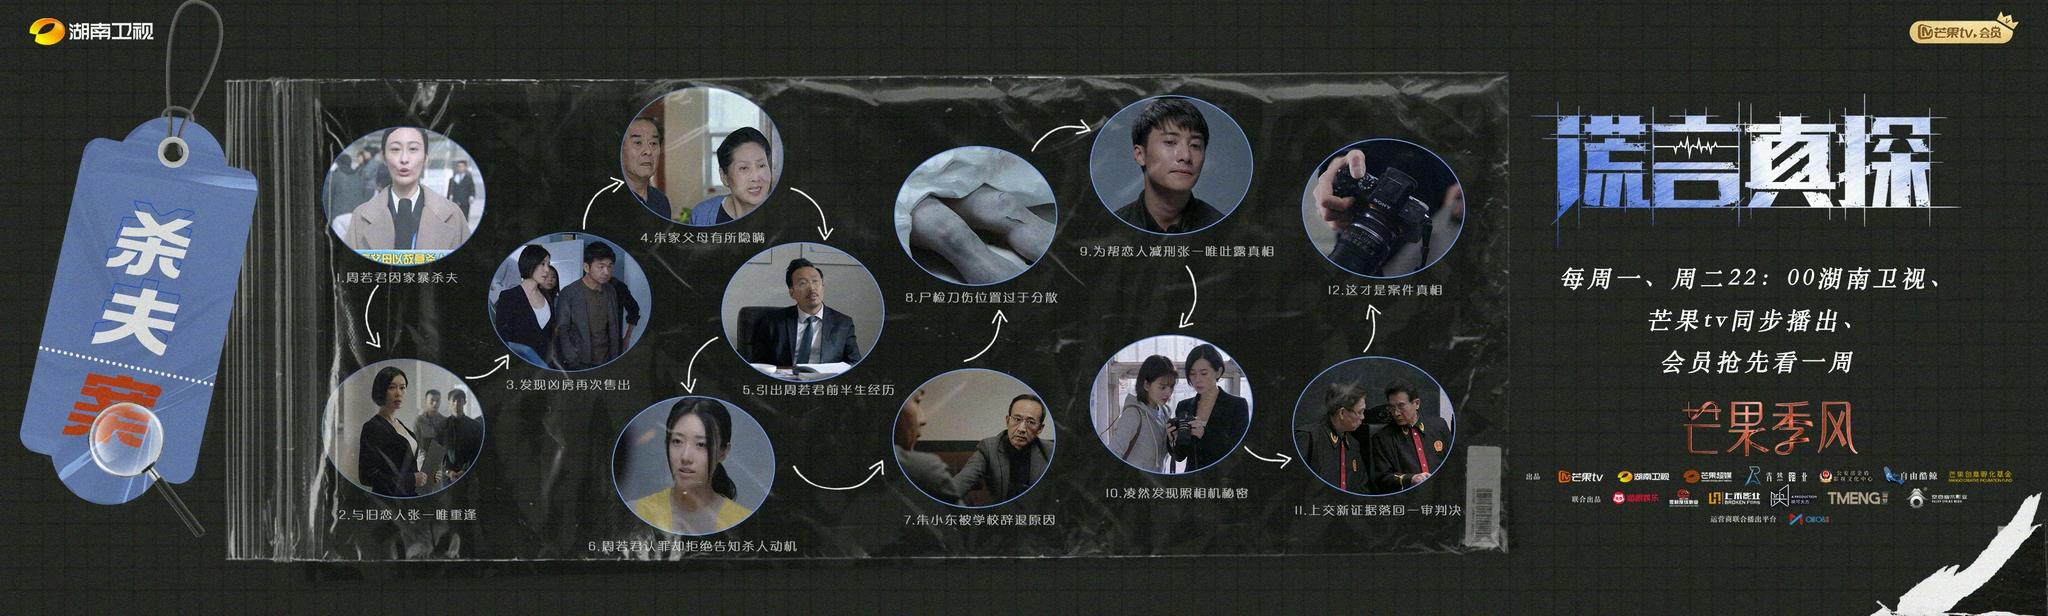 湖南卫视 一场家庭暴力的悲剧,暗含着怎样的秘密?